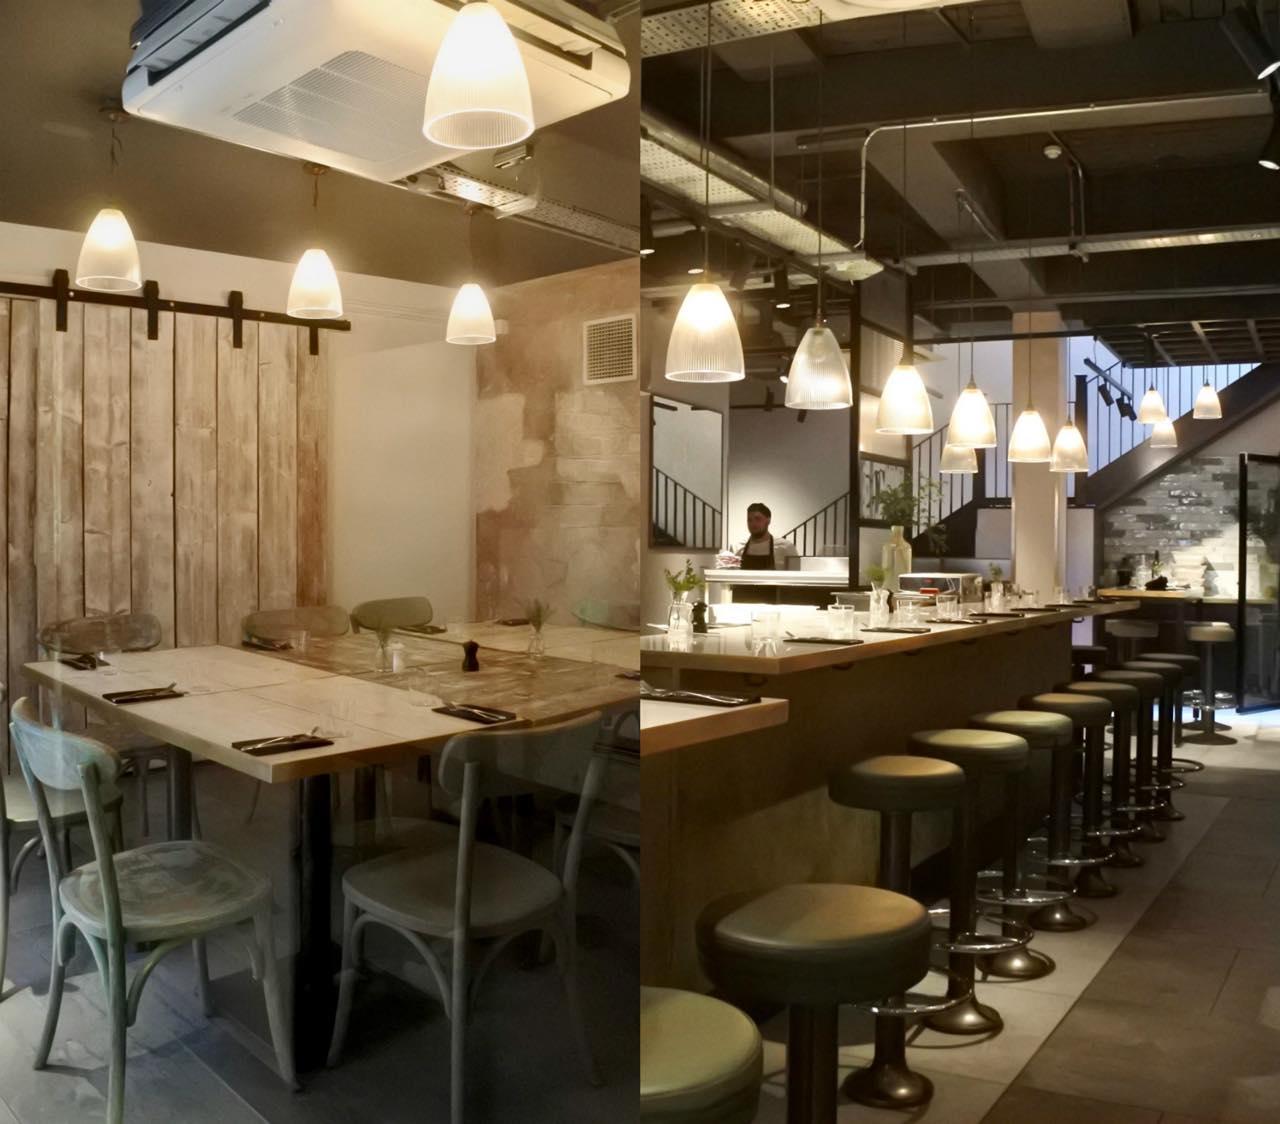 左の写真は、2階にある個室です。パーティに良さそう♪  右:どちらの訪問も遅い時間だったので、私たちが食べ終わる頃には賑やかだったお店もこんな感じに。また夕方から大にぎわいになるのでしょう ^^